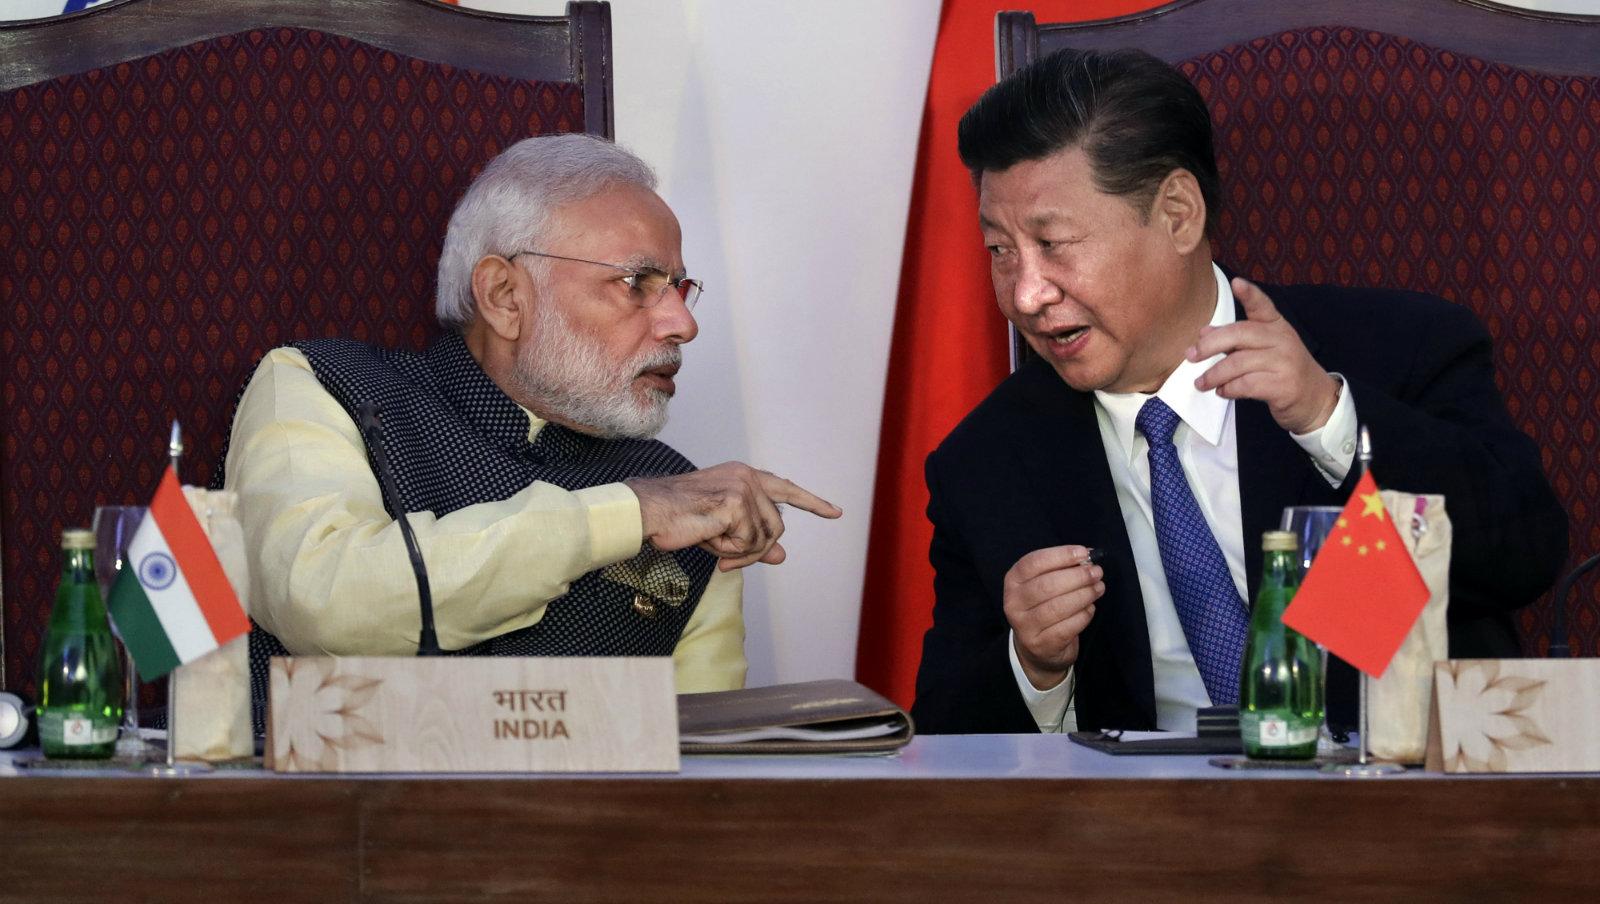 india-modi-xi-china-taiwan